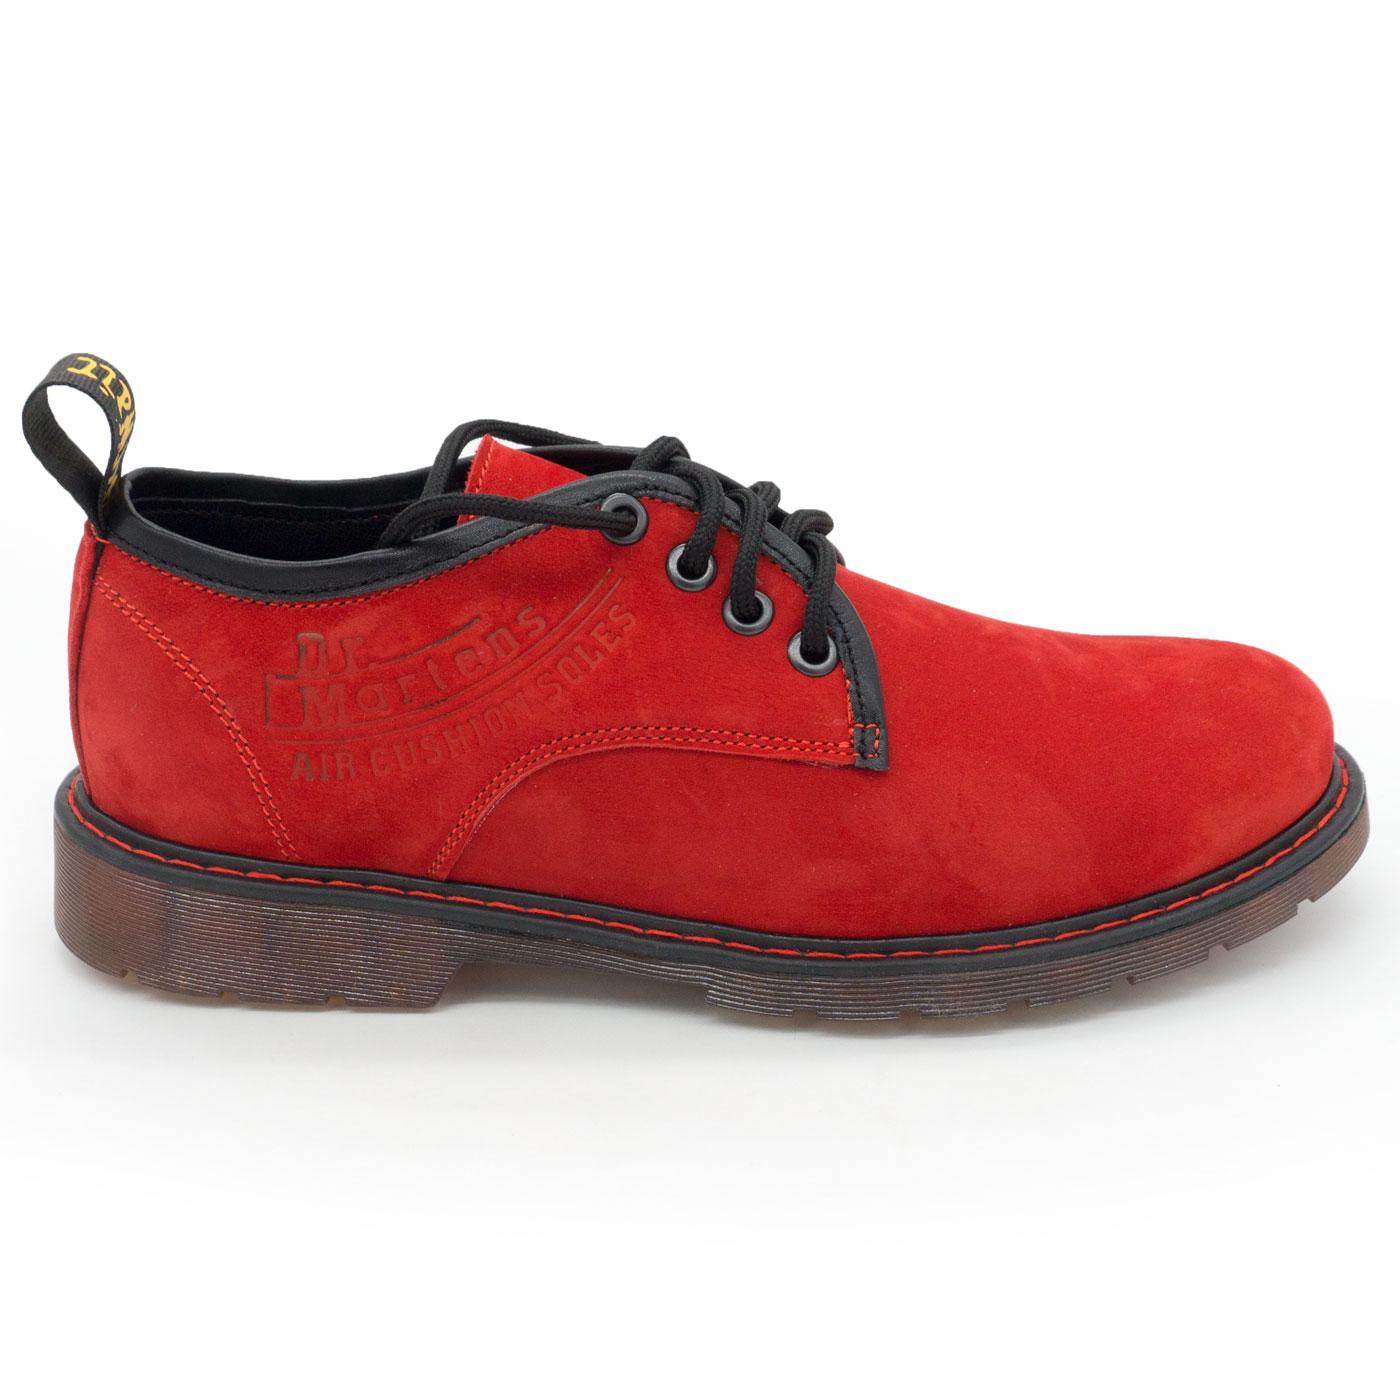 фото main Красные женские туфли Dr. Martens, натуральная замша main